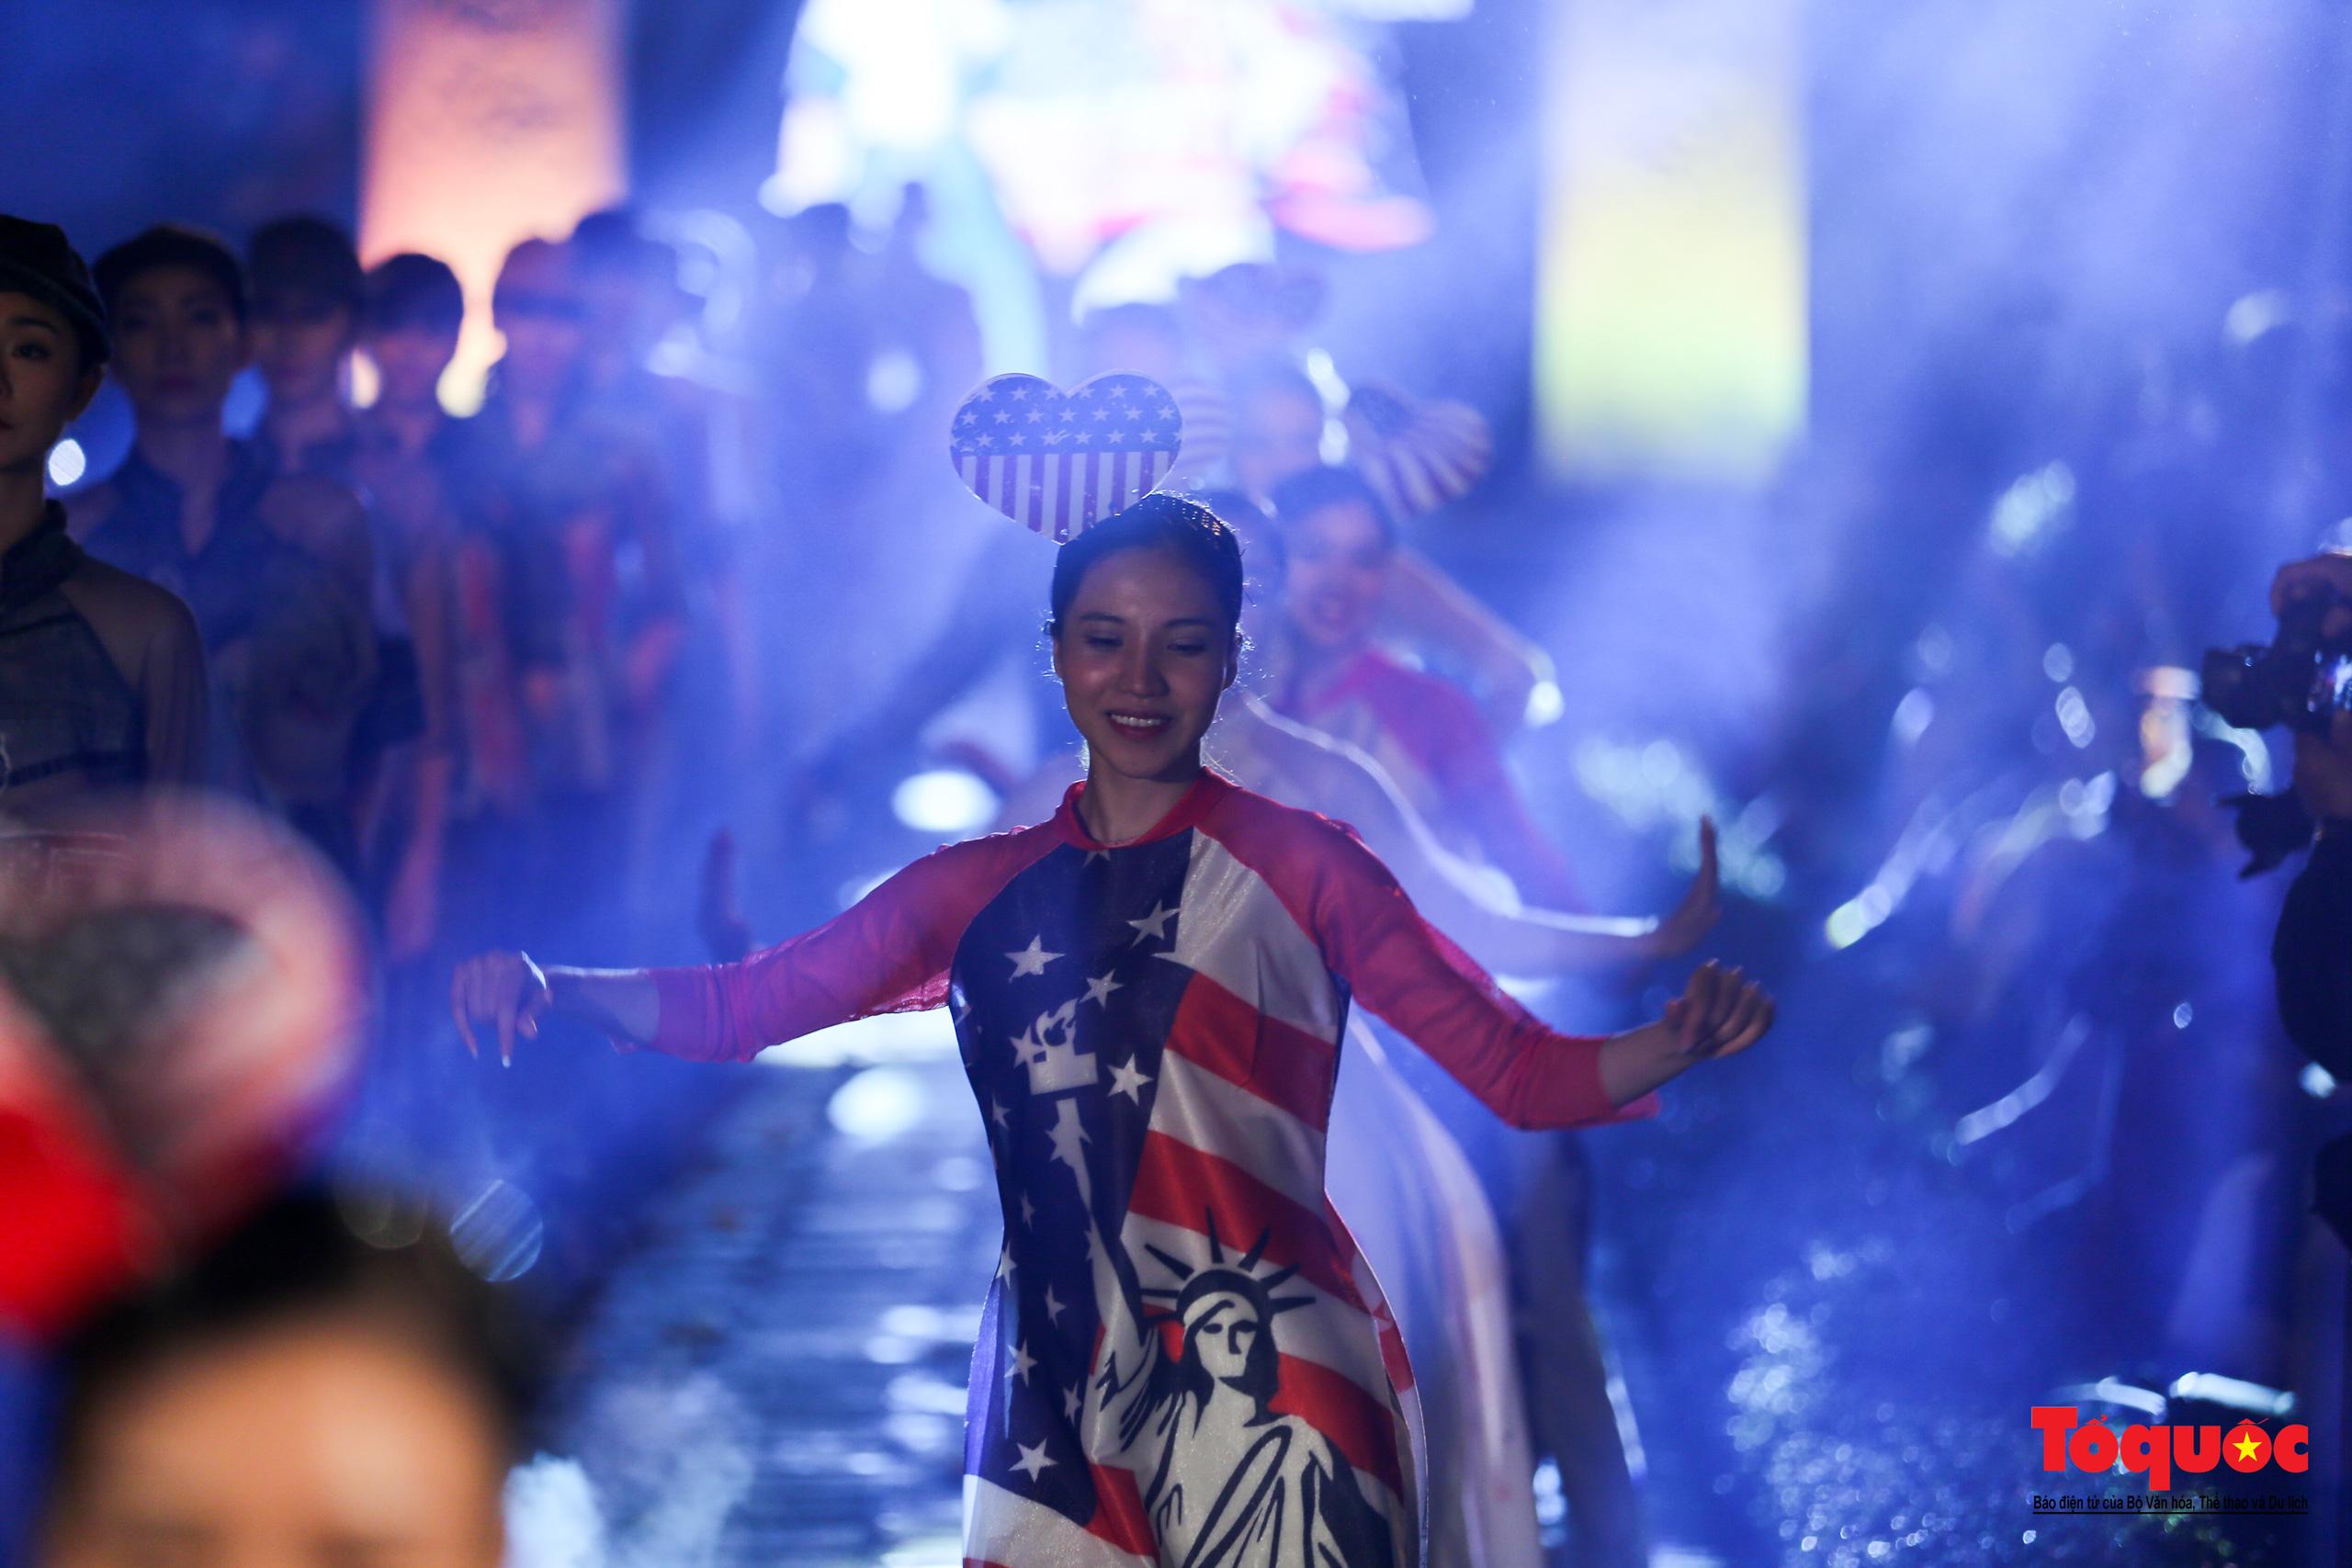 Áo dài truyền thống Việt Nam tỏa sáng tại Văn Miếu Quốc Tử Giám - Ảnh 14.